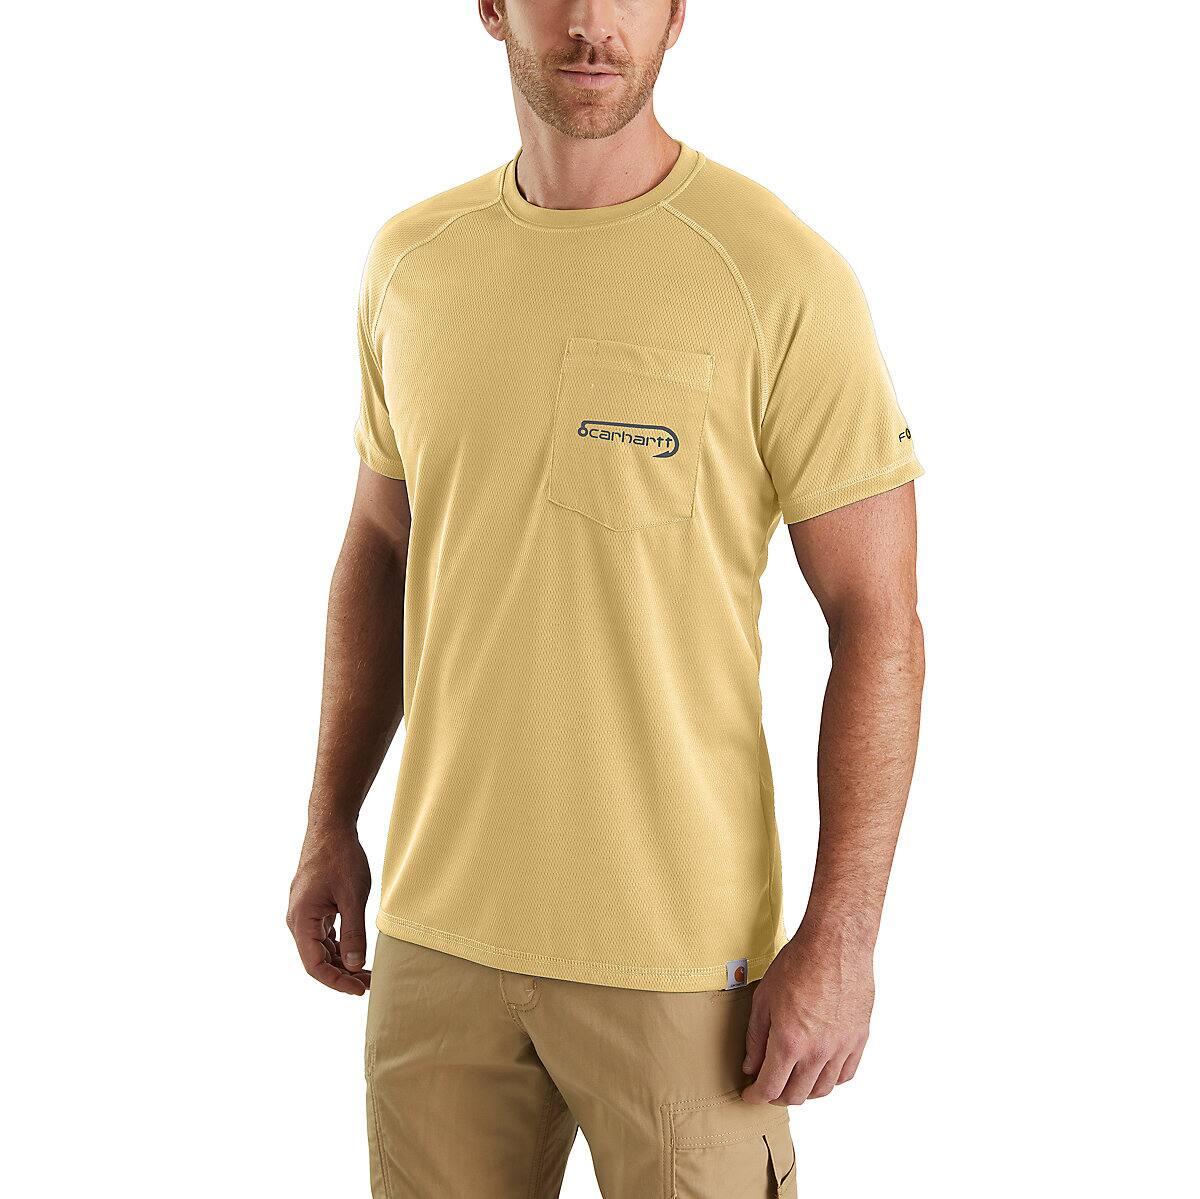 325d7422d Men's Carhartt Force® Fishing Graphic Short-Sleeve T-Shirt | Carhartt